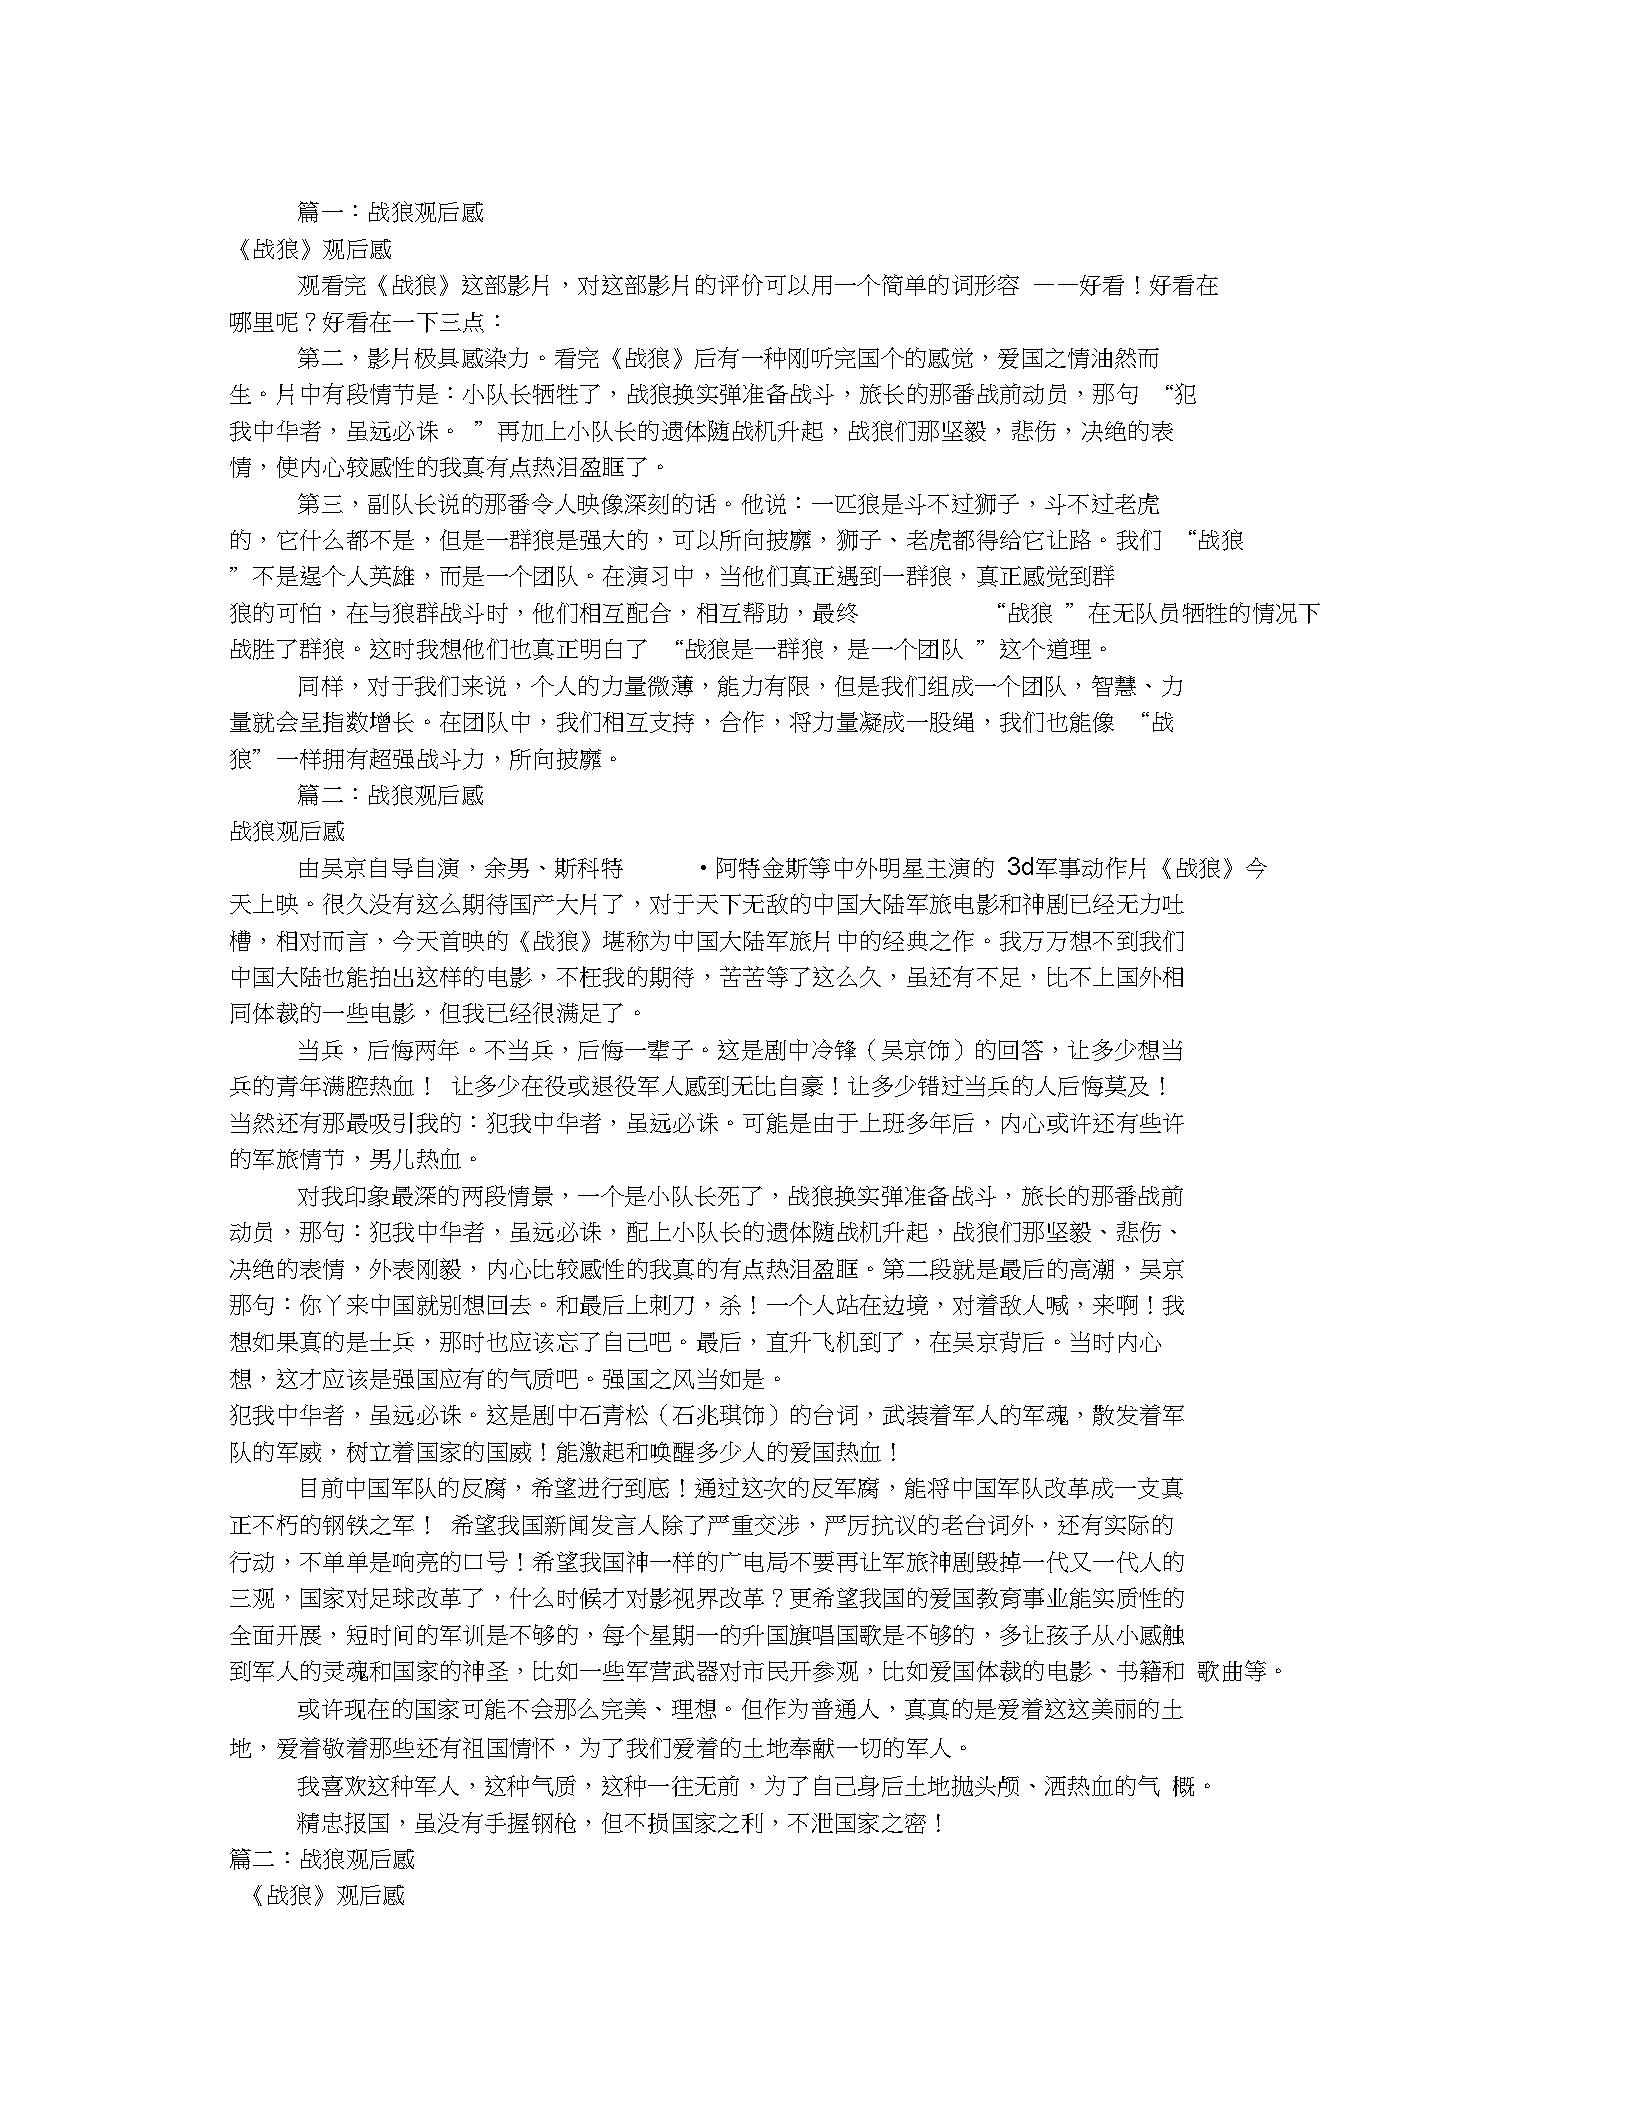 战狼观后感作文(共11篇).docx